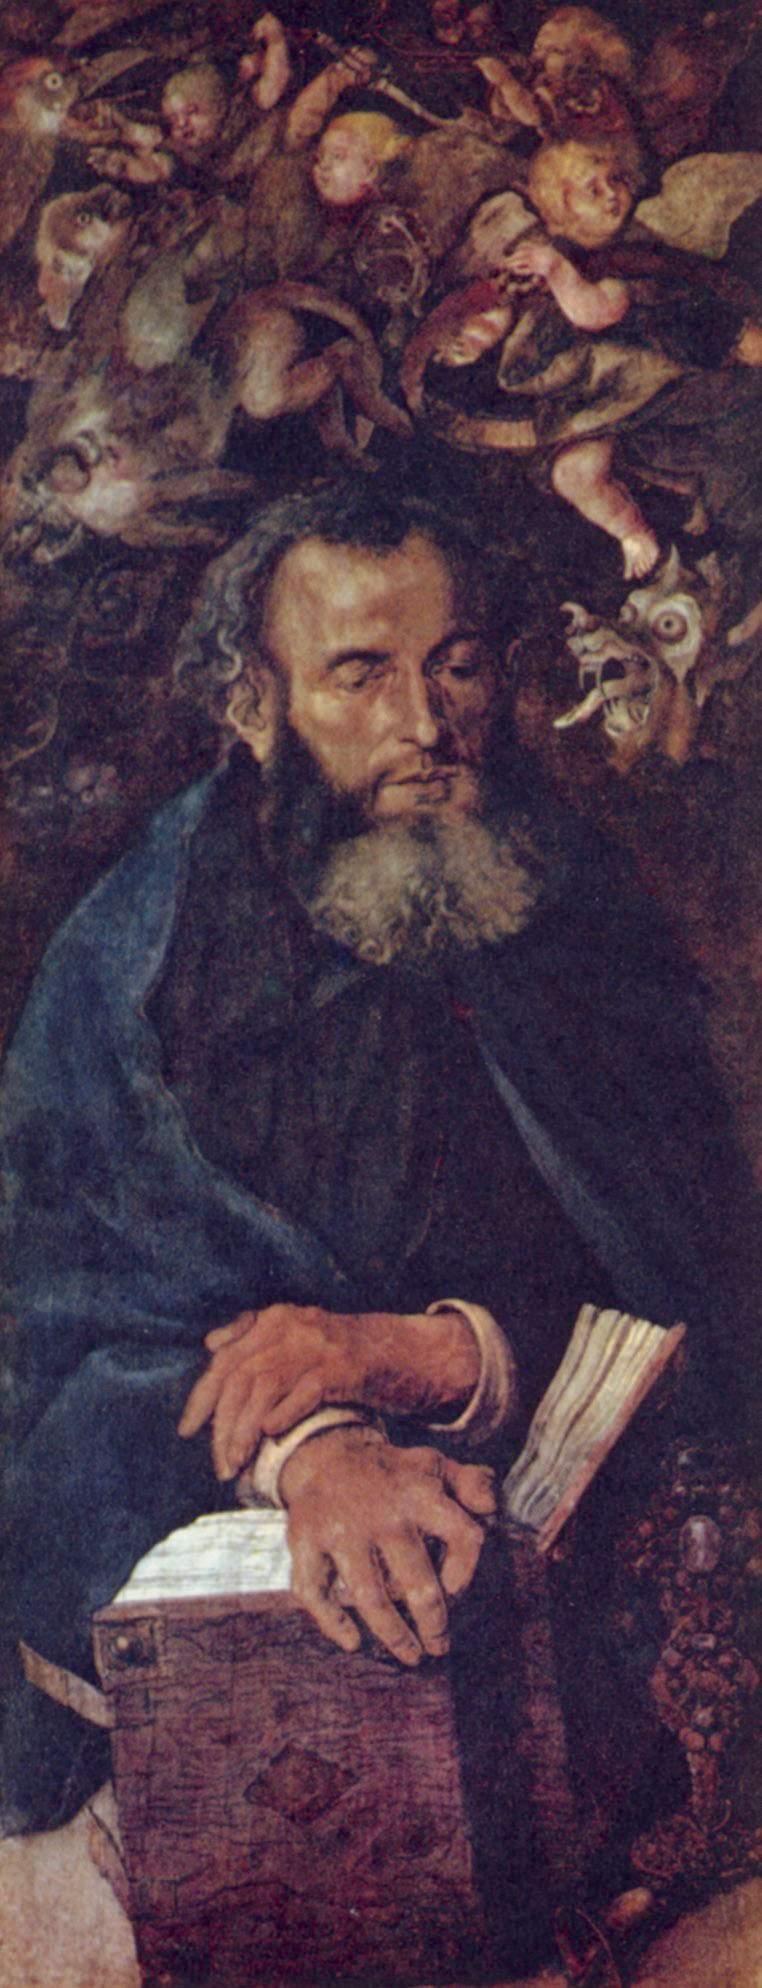 Дрезденский алтарь, левая боковая створка, св. Антоний, Альбрехт Дюрер